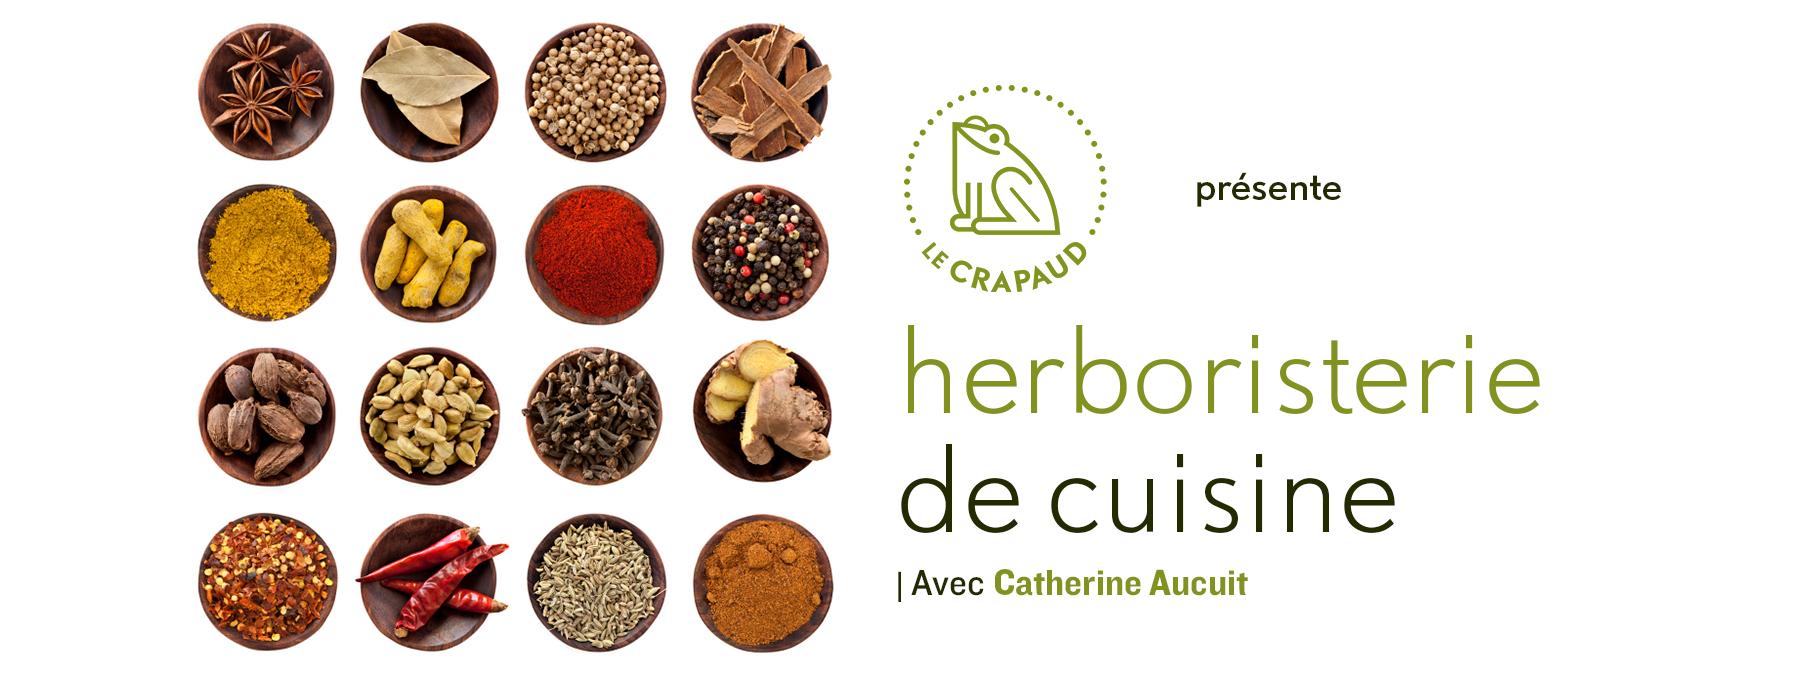 fcbk - herboristerie de cuisine